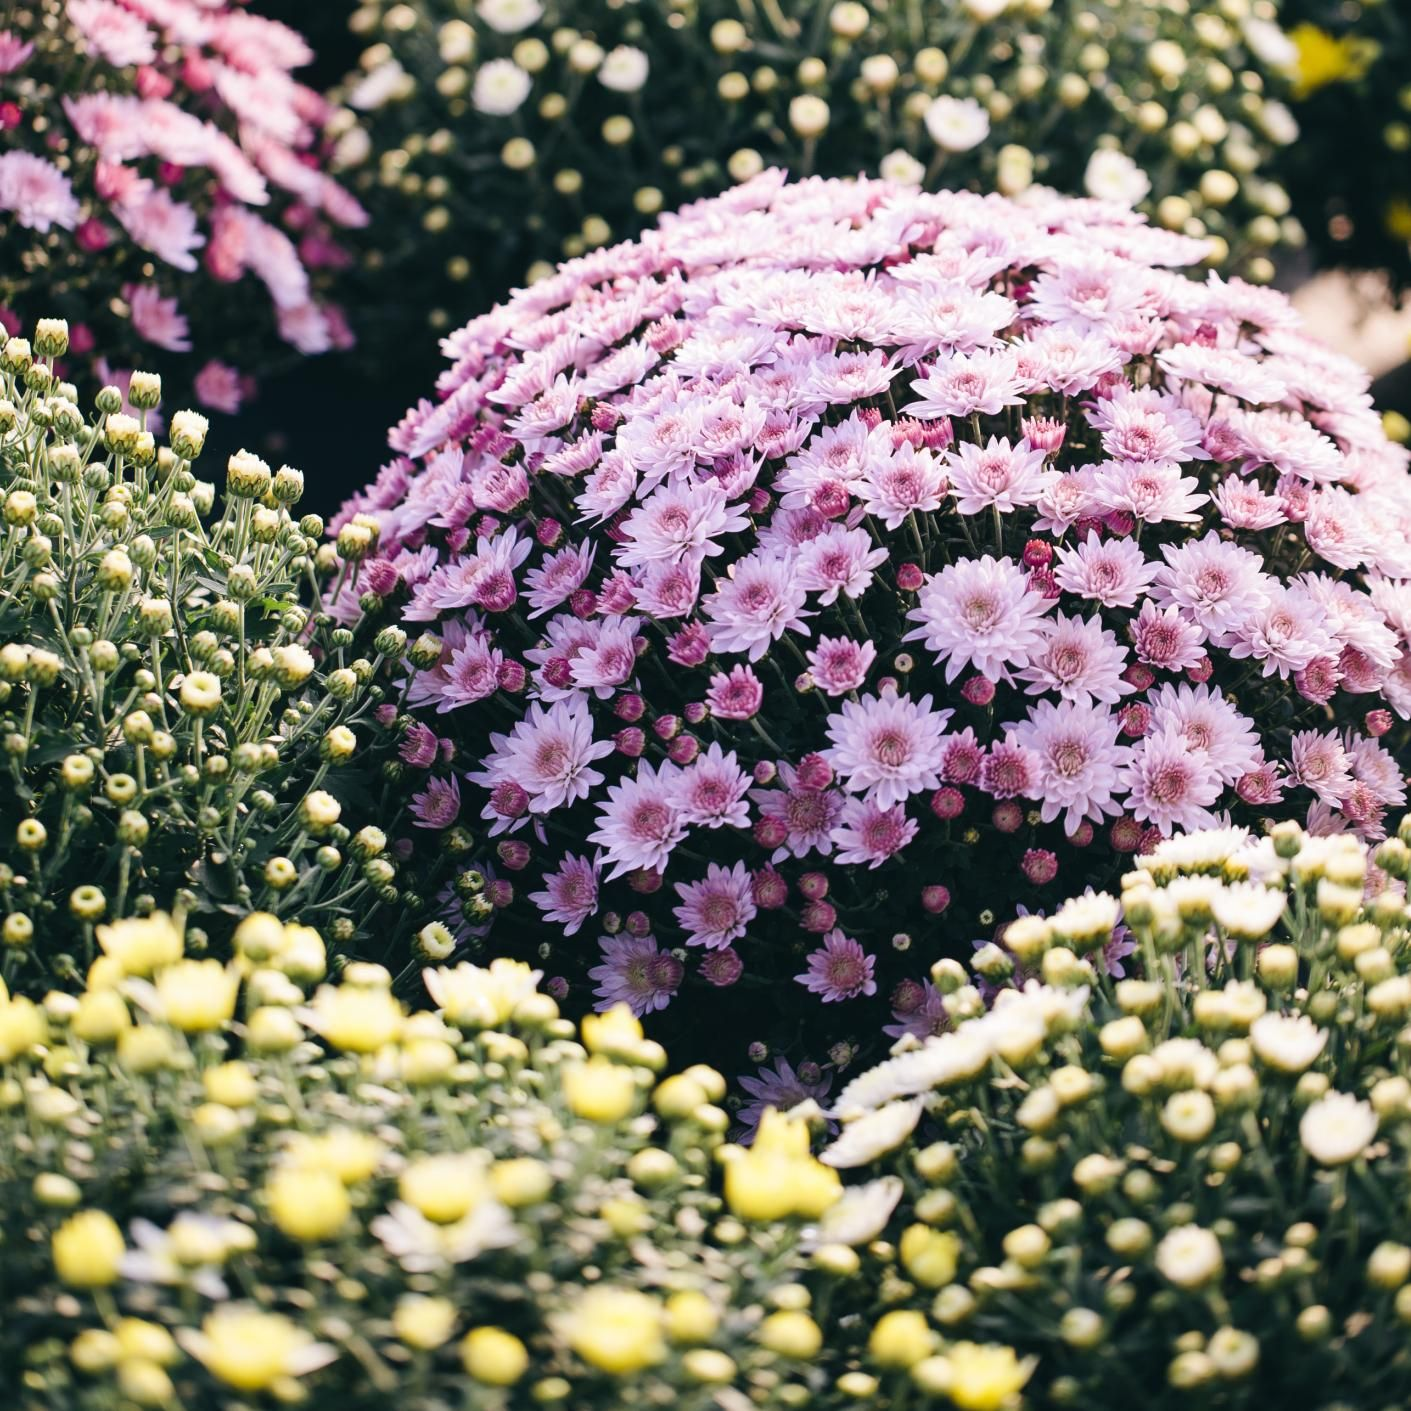 List of flowering evergreen shrubs garden lets plant list of flowering evergreen shrubs izmirmasajfo